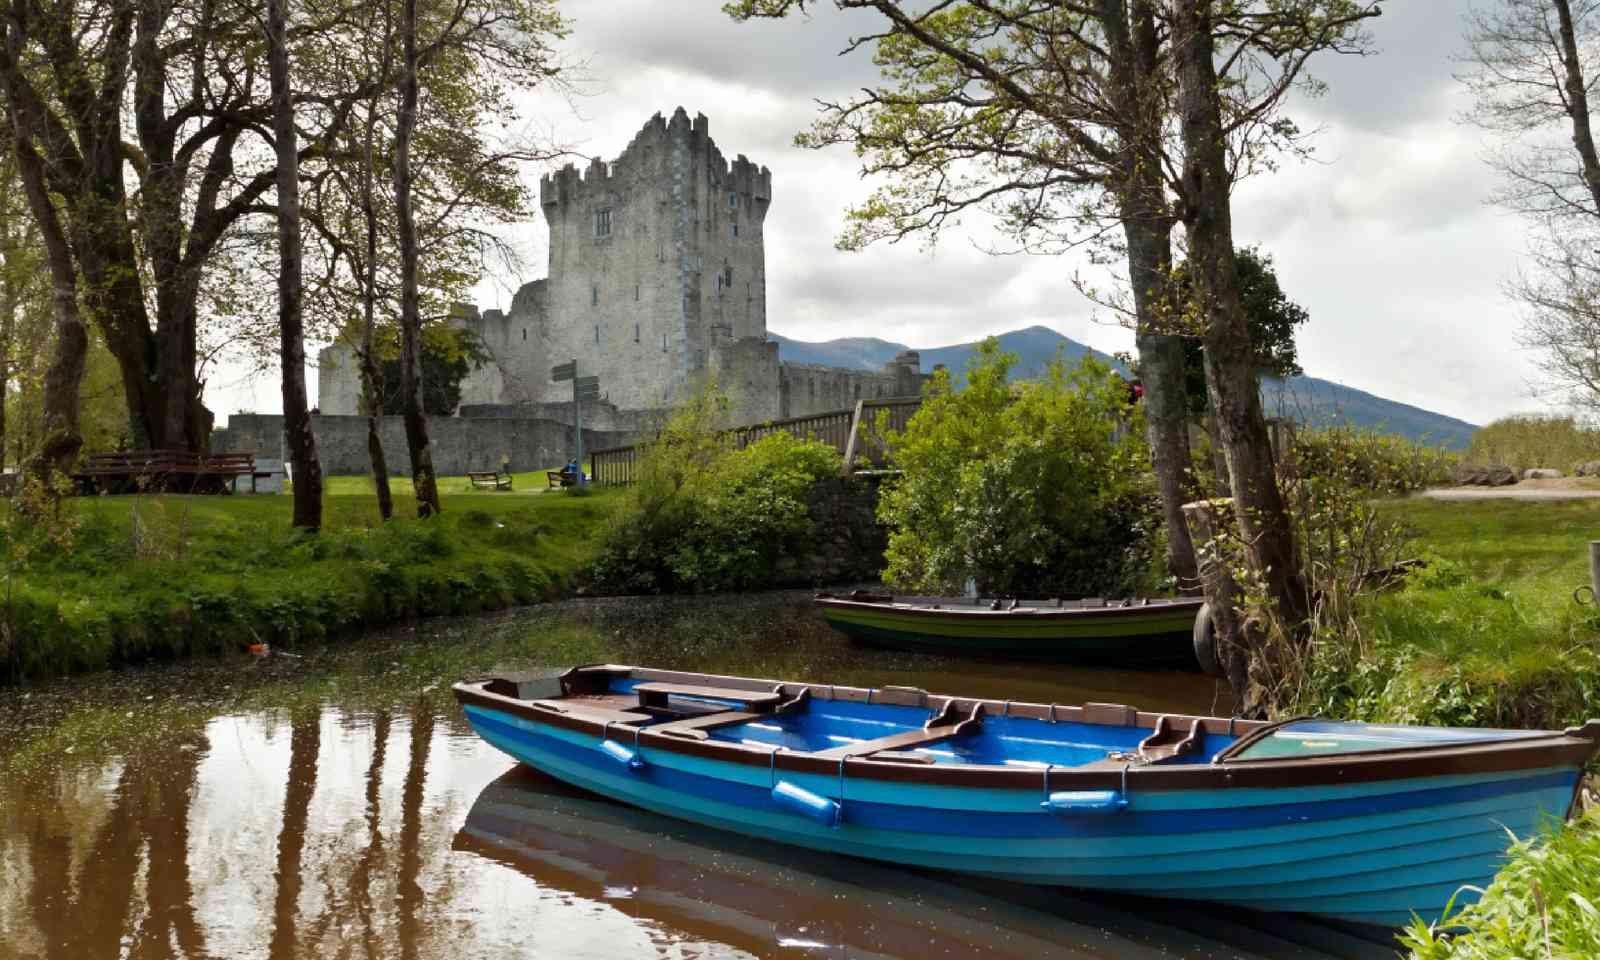 Ross castle in Killarney (Shutterstock)